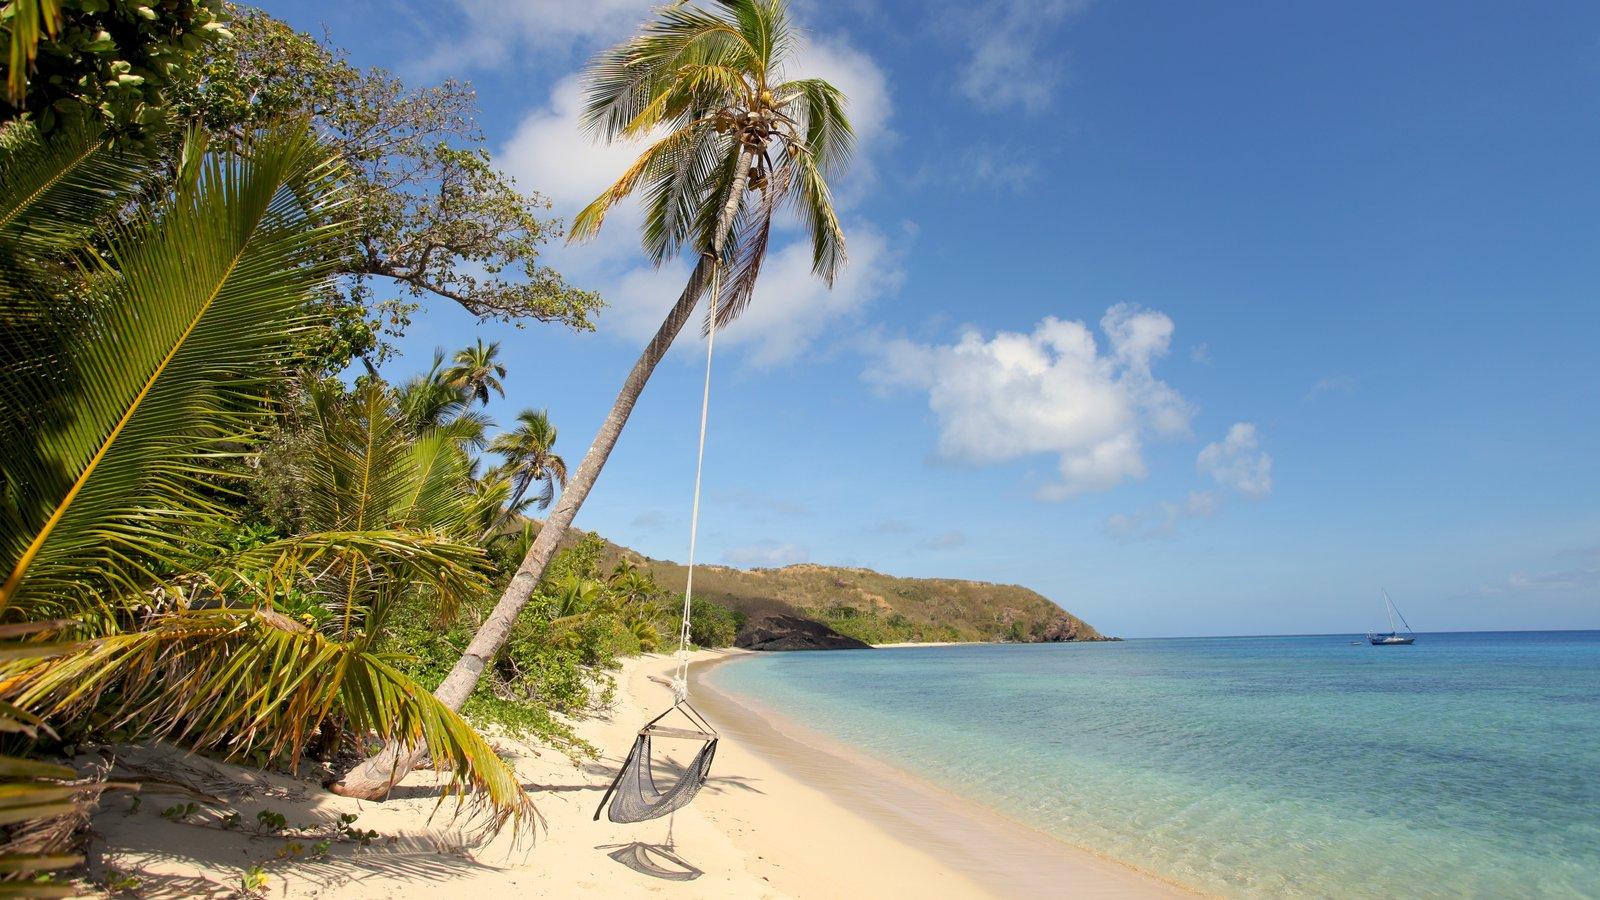 Ilhas Yasawa caracterizando cenas tropicais e uma praia de areia